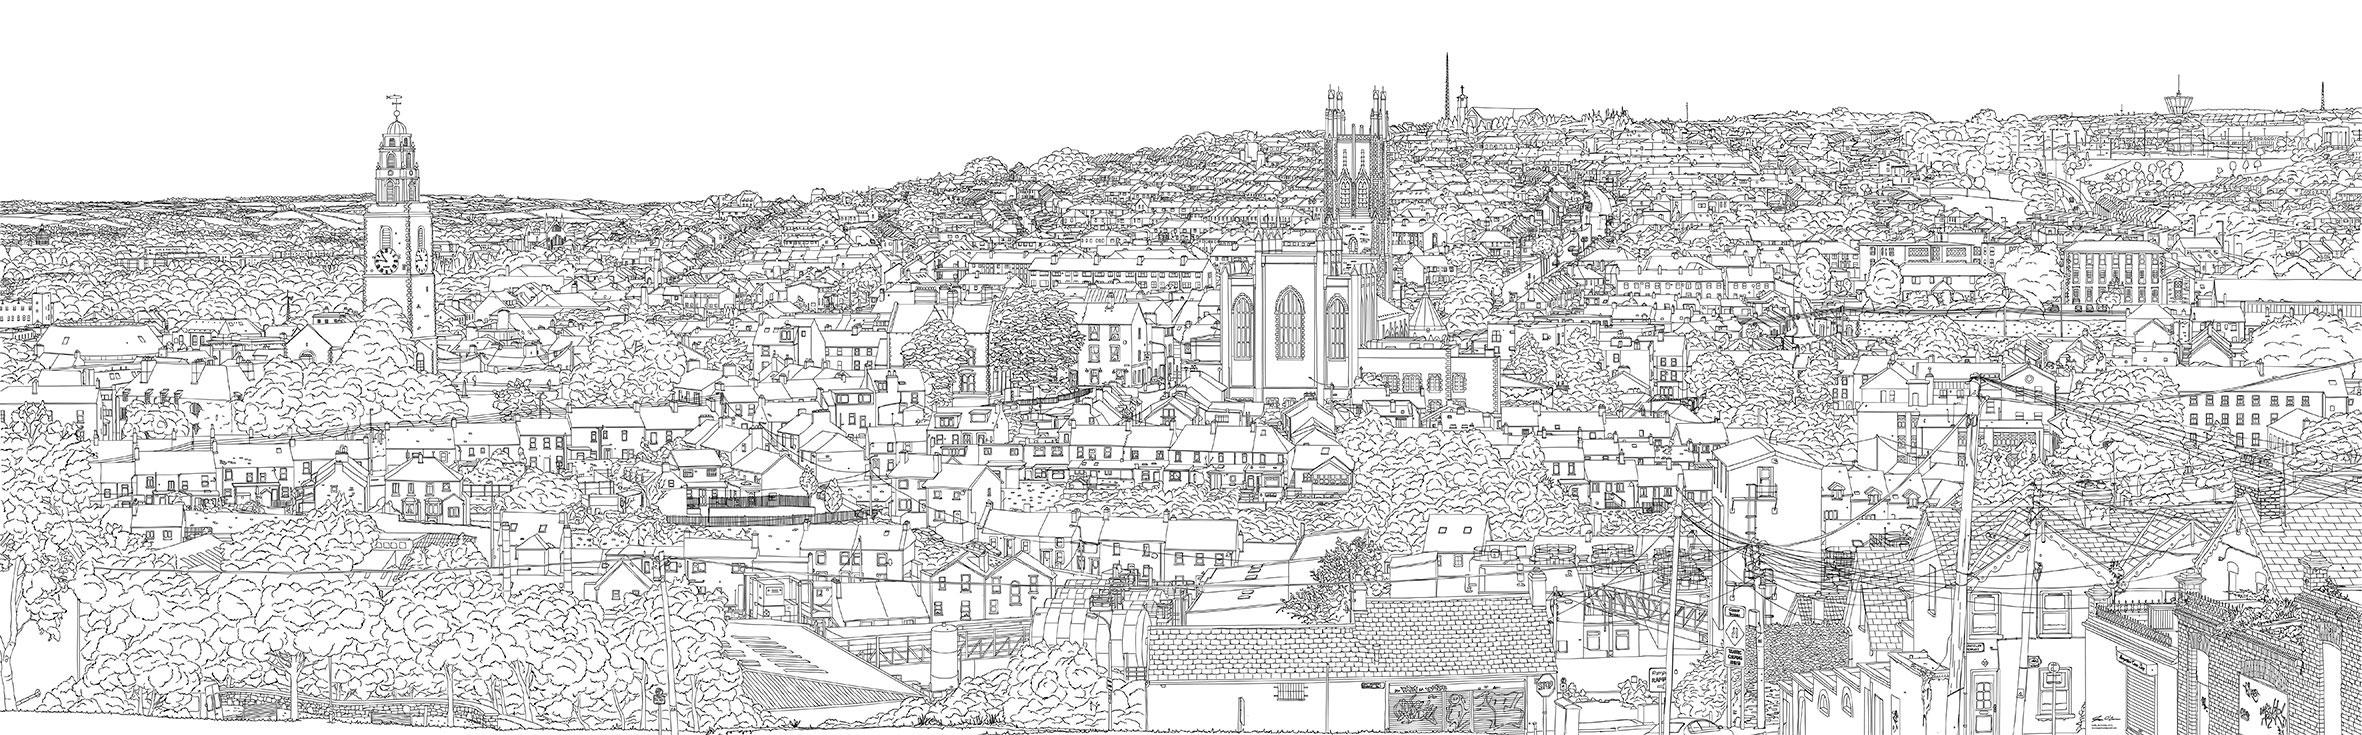 Cork-Northside-full.jpg